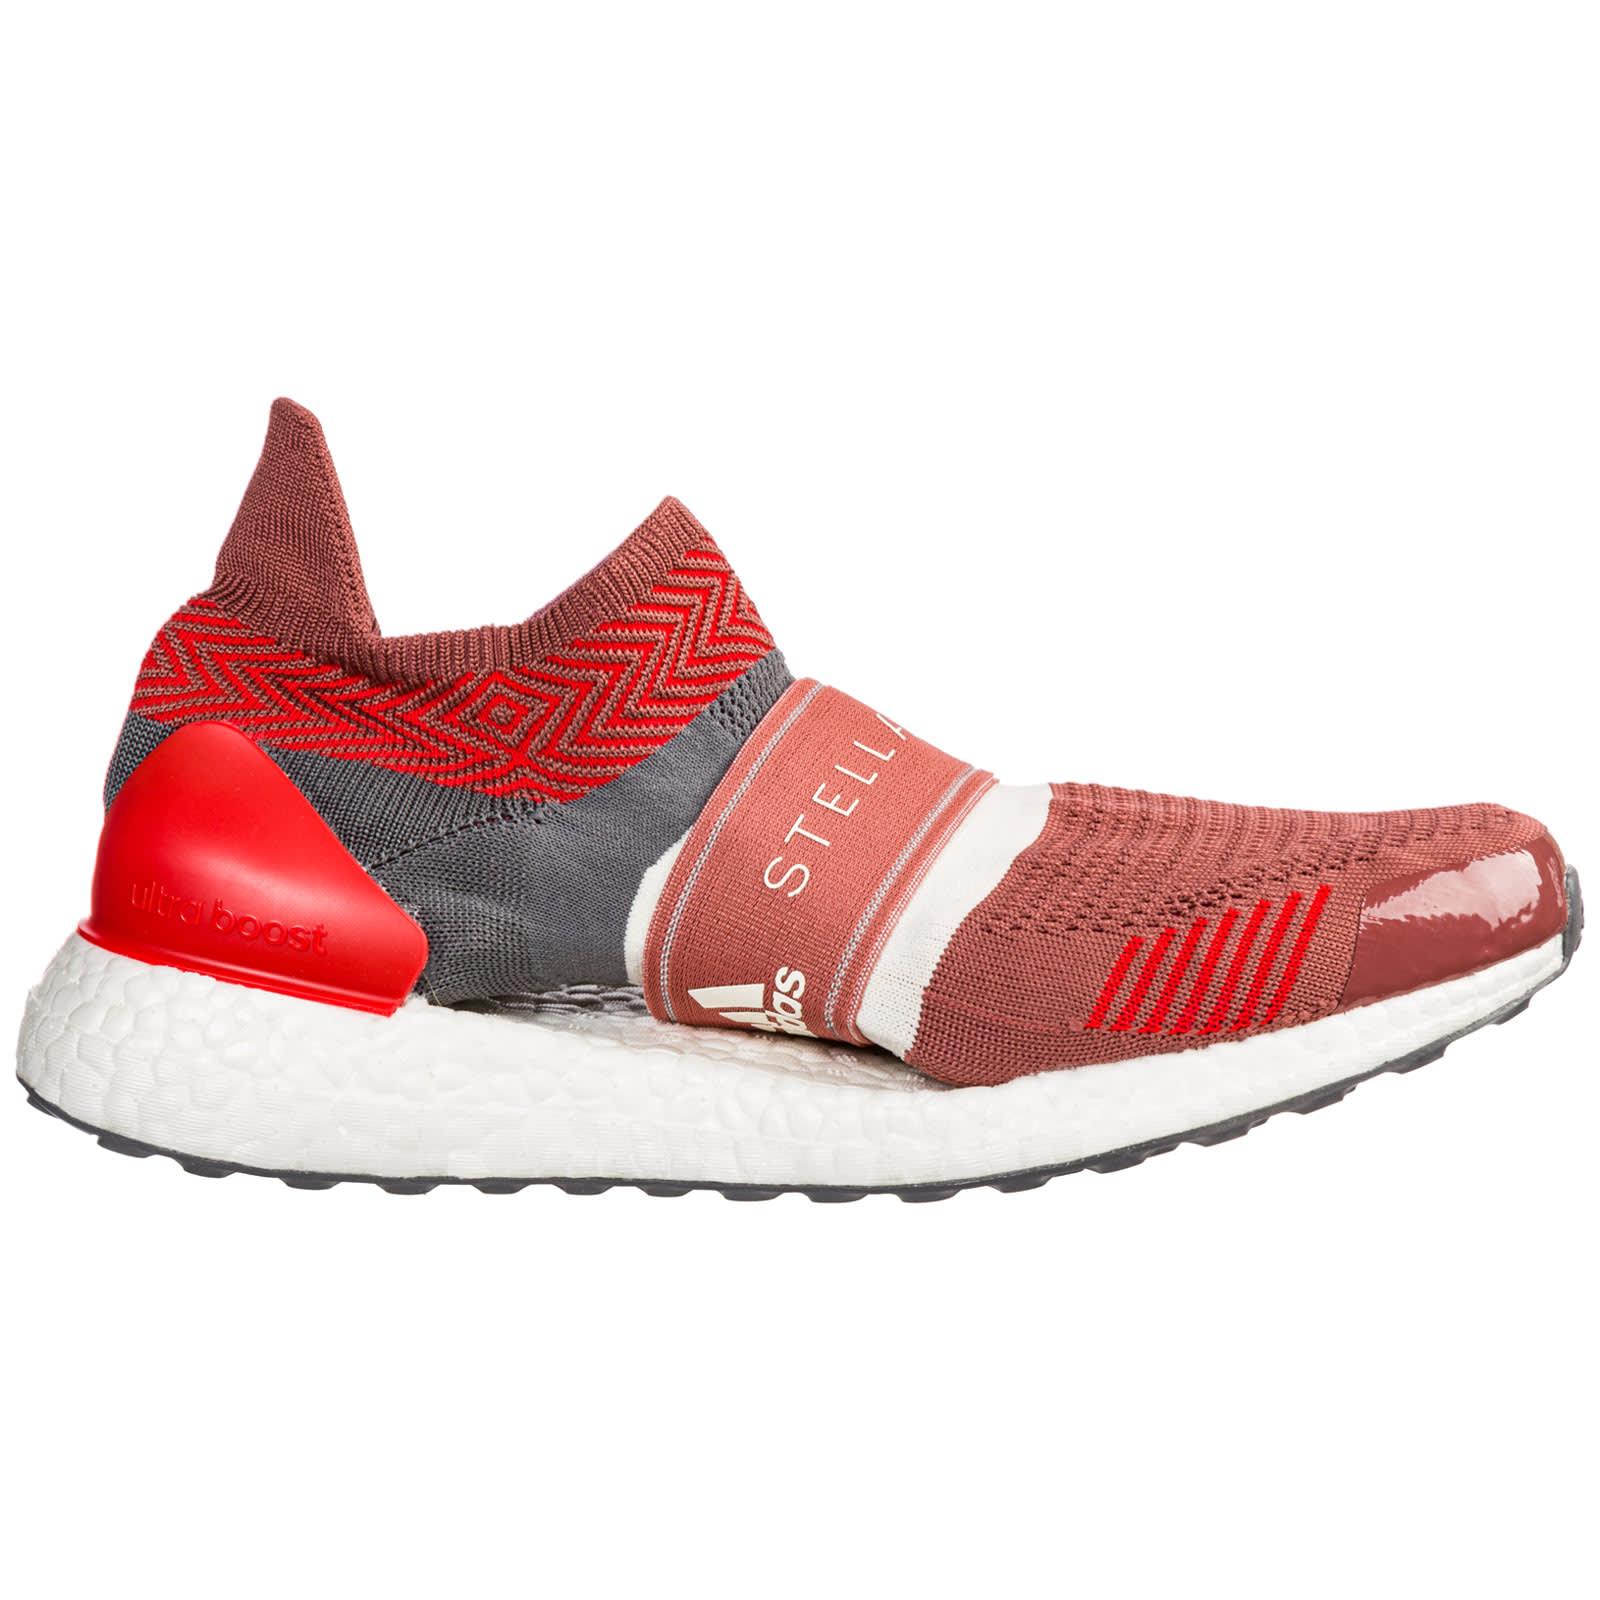 Adidas by Stella McCartney Adidas by Stella McCartney Shoes